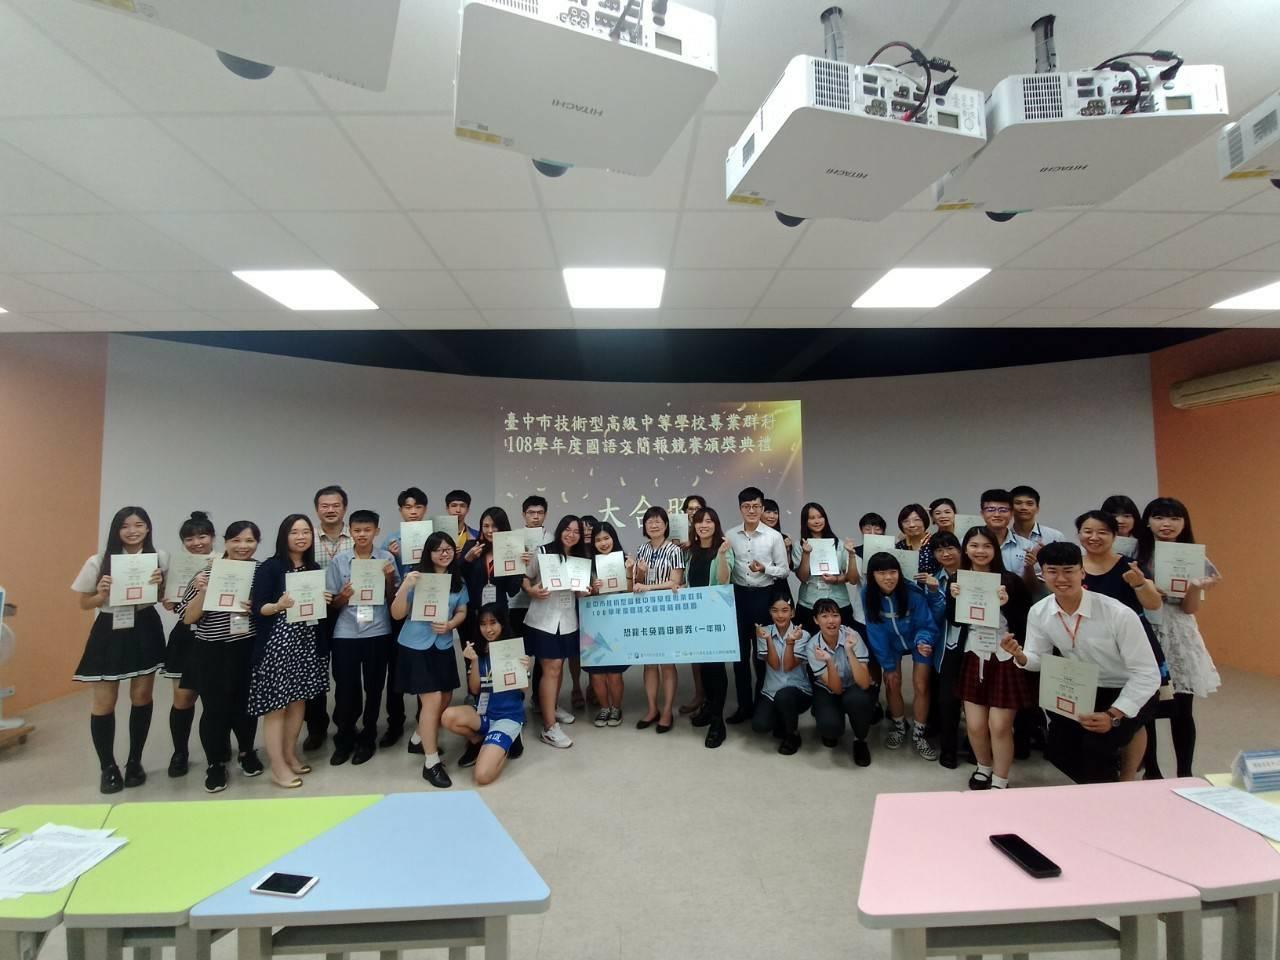 中市國語文簡報競賽高人氣 3週獲11萬瀏覽人次。(記者陳信宏翻攝)